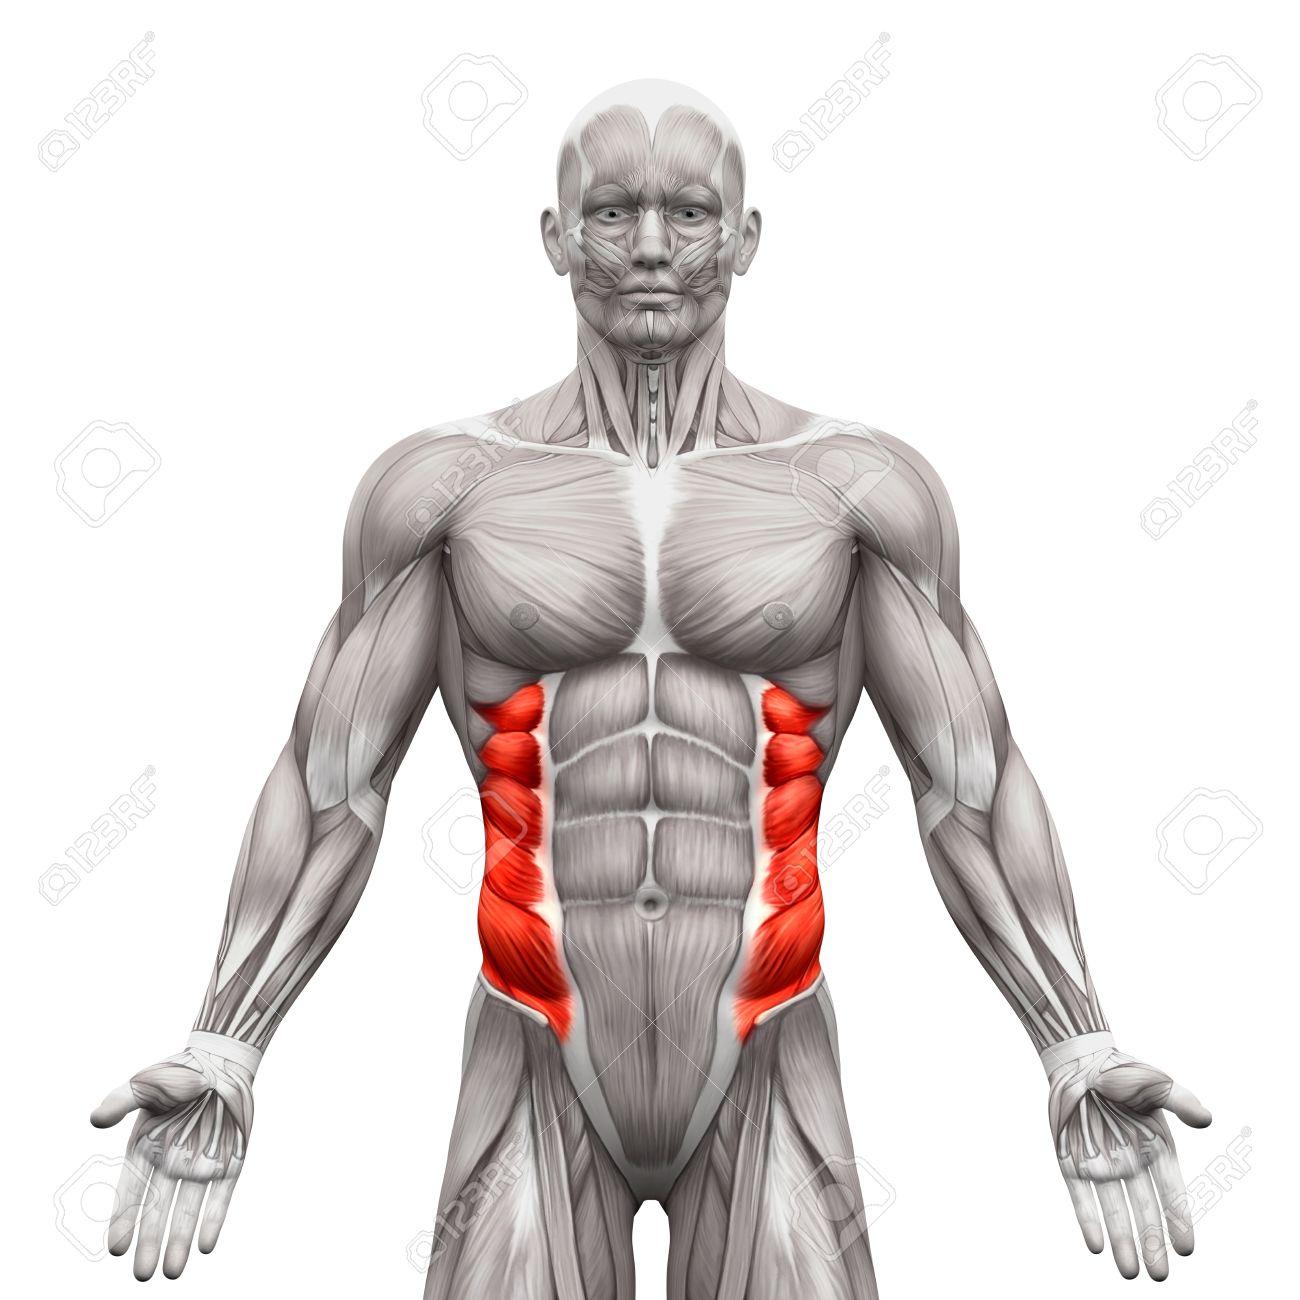 Los Músculos Oblicuo Externo - Músculos Anatomía Aislados En El ...